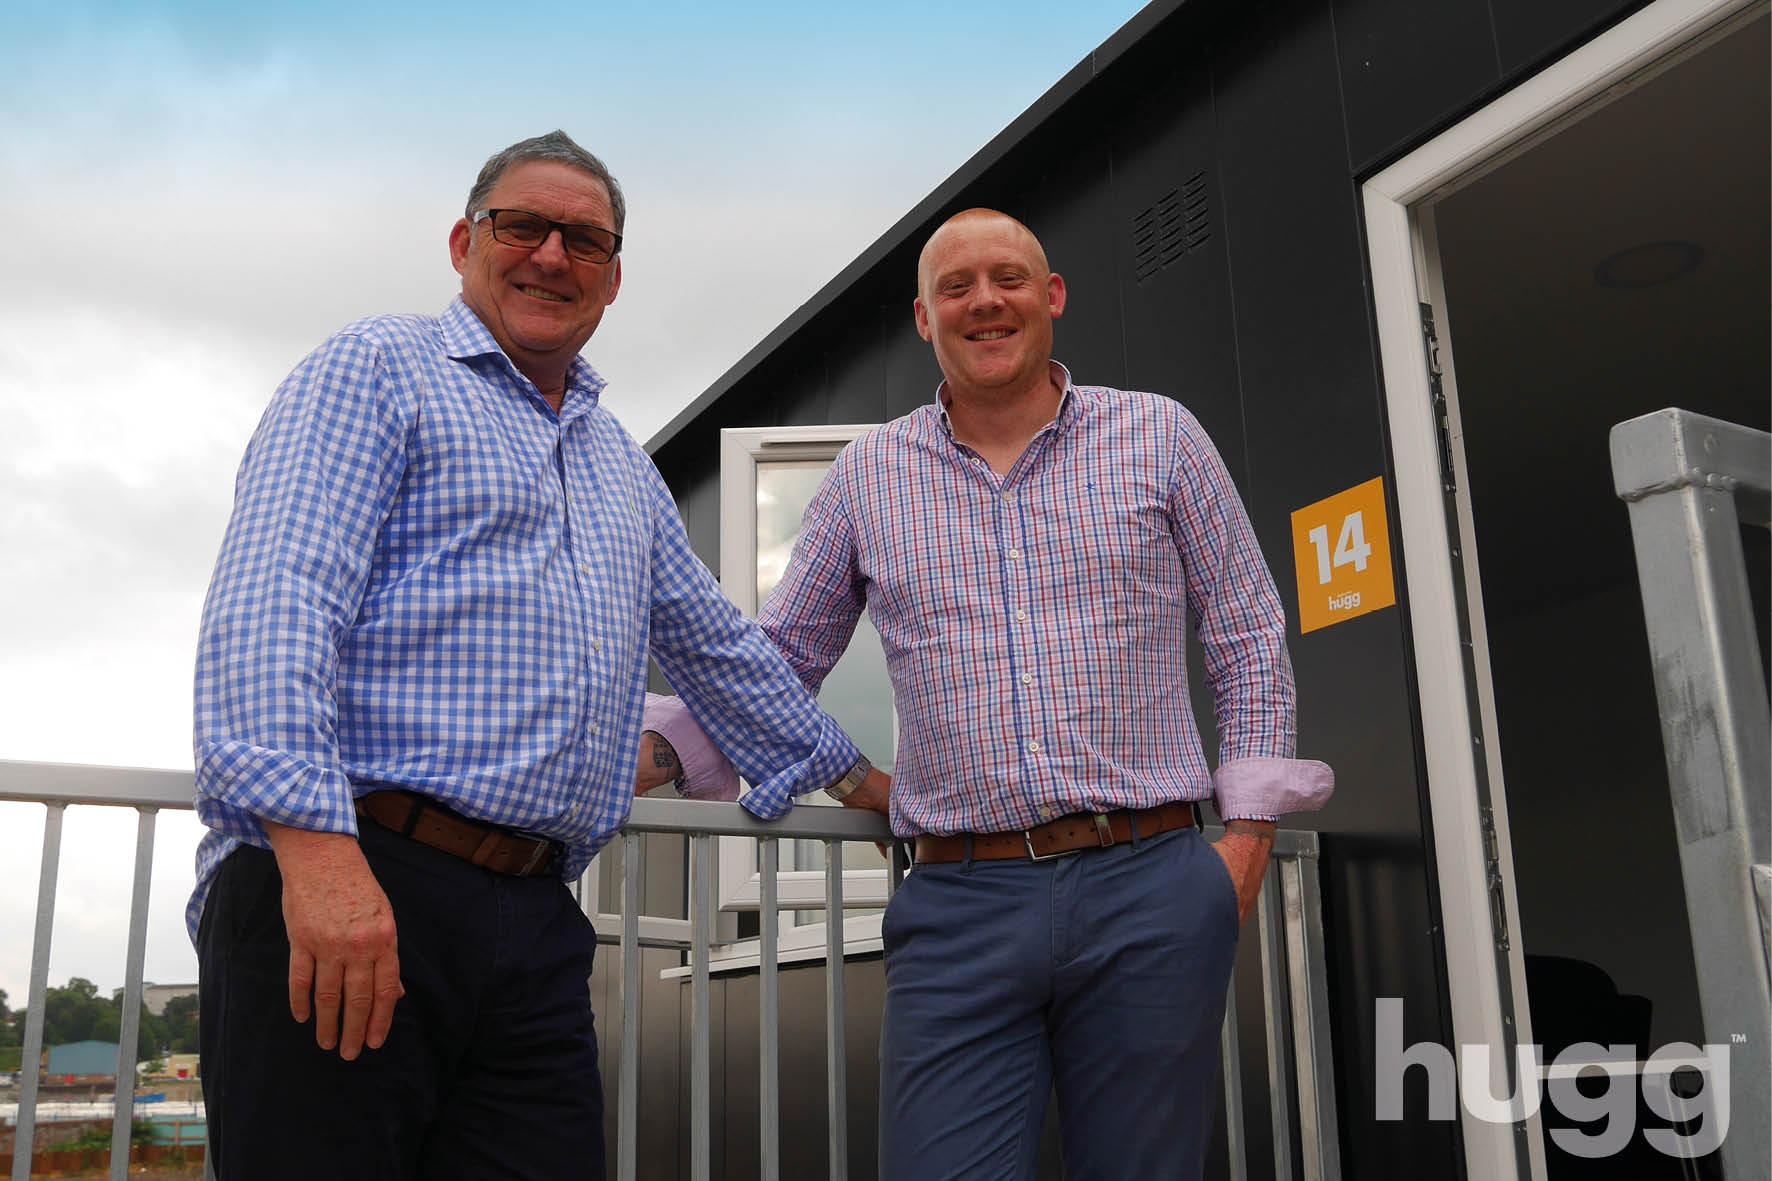 hugg_homes_residents_Alan & Luke Chorley_hugg_3.jpg